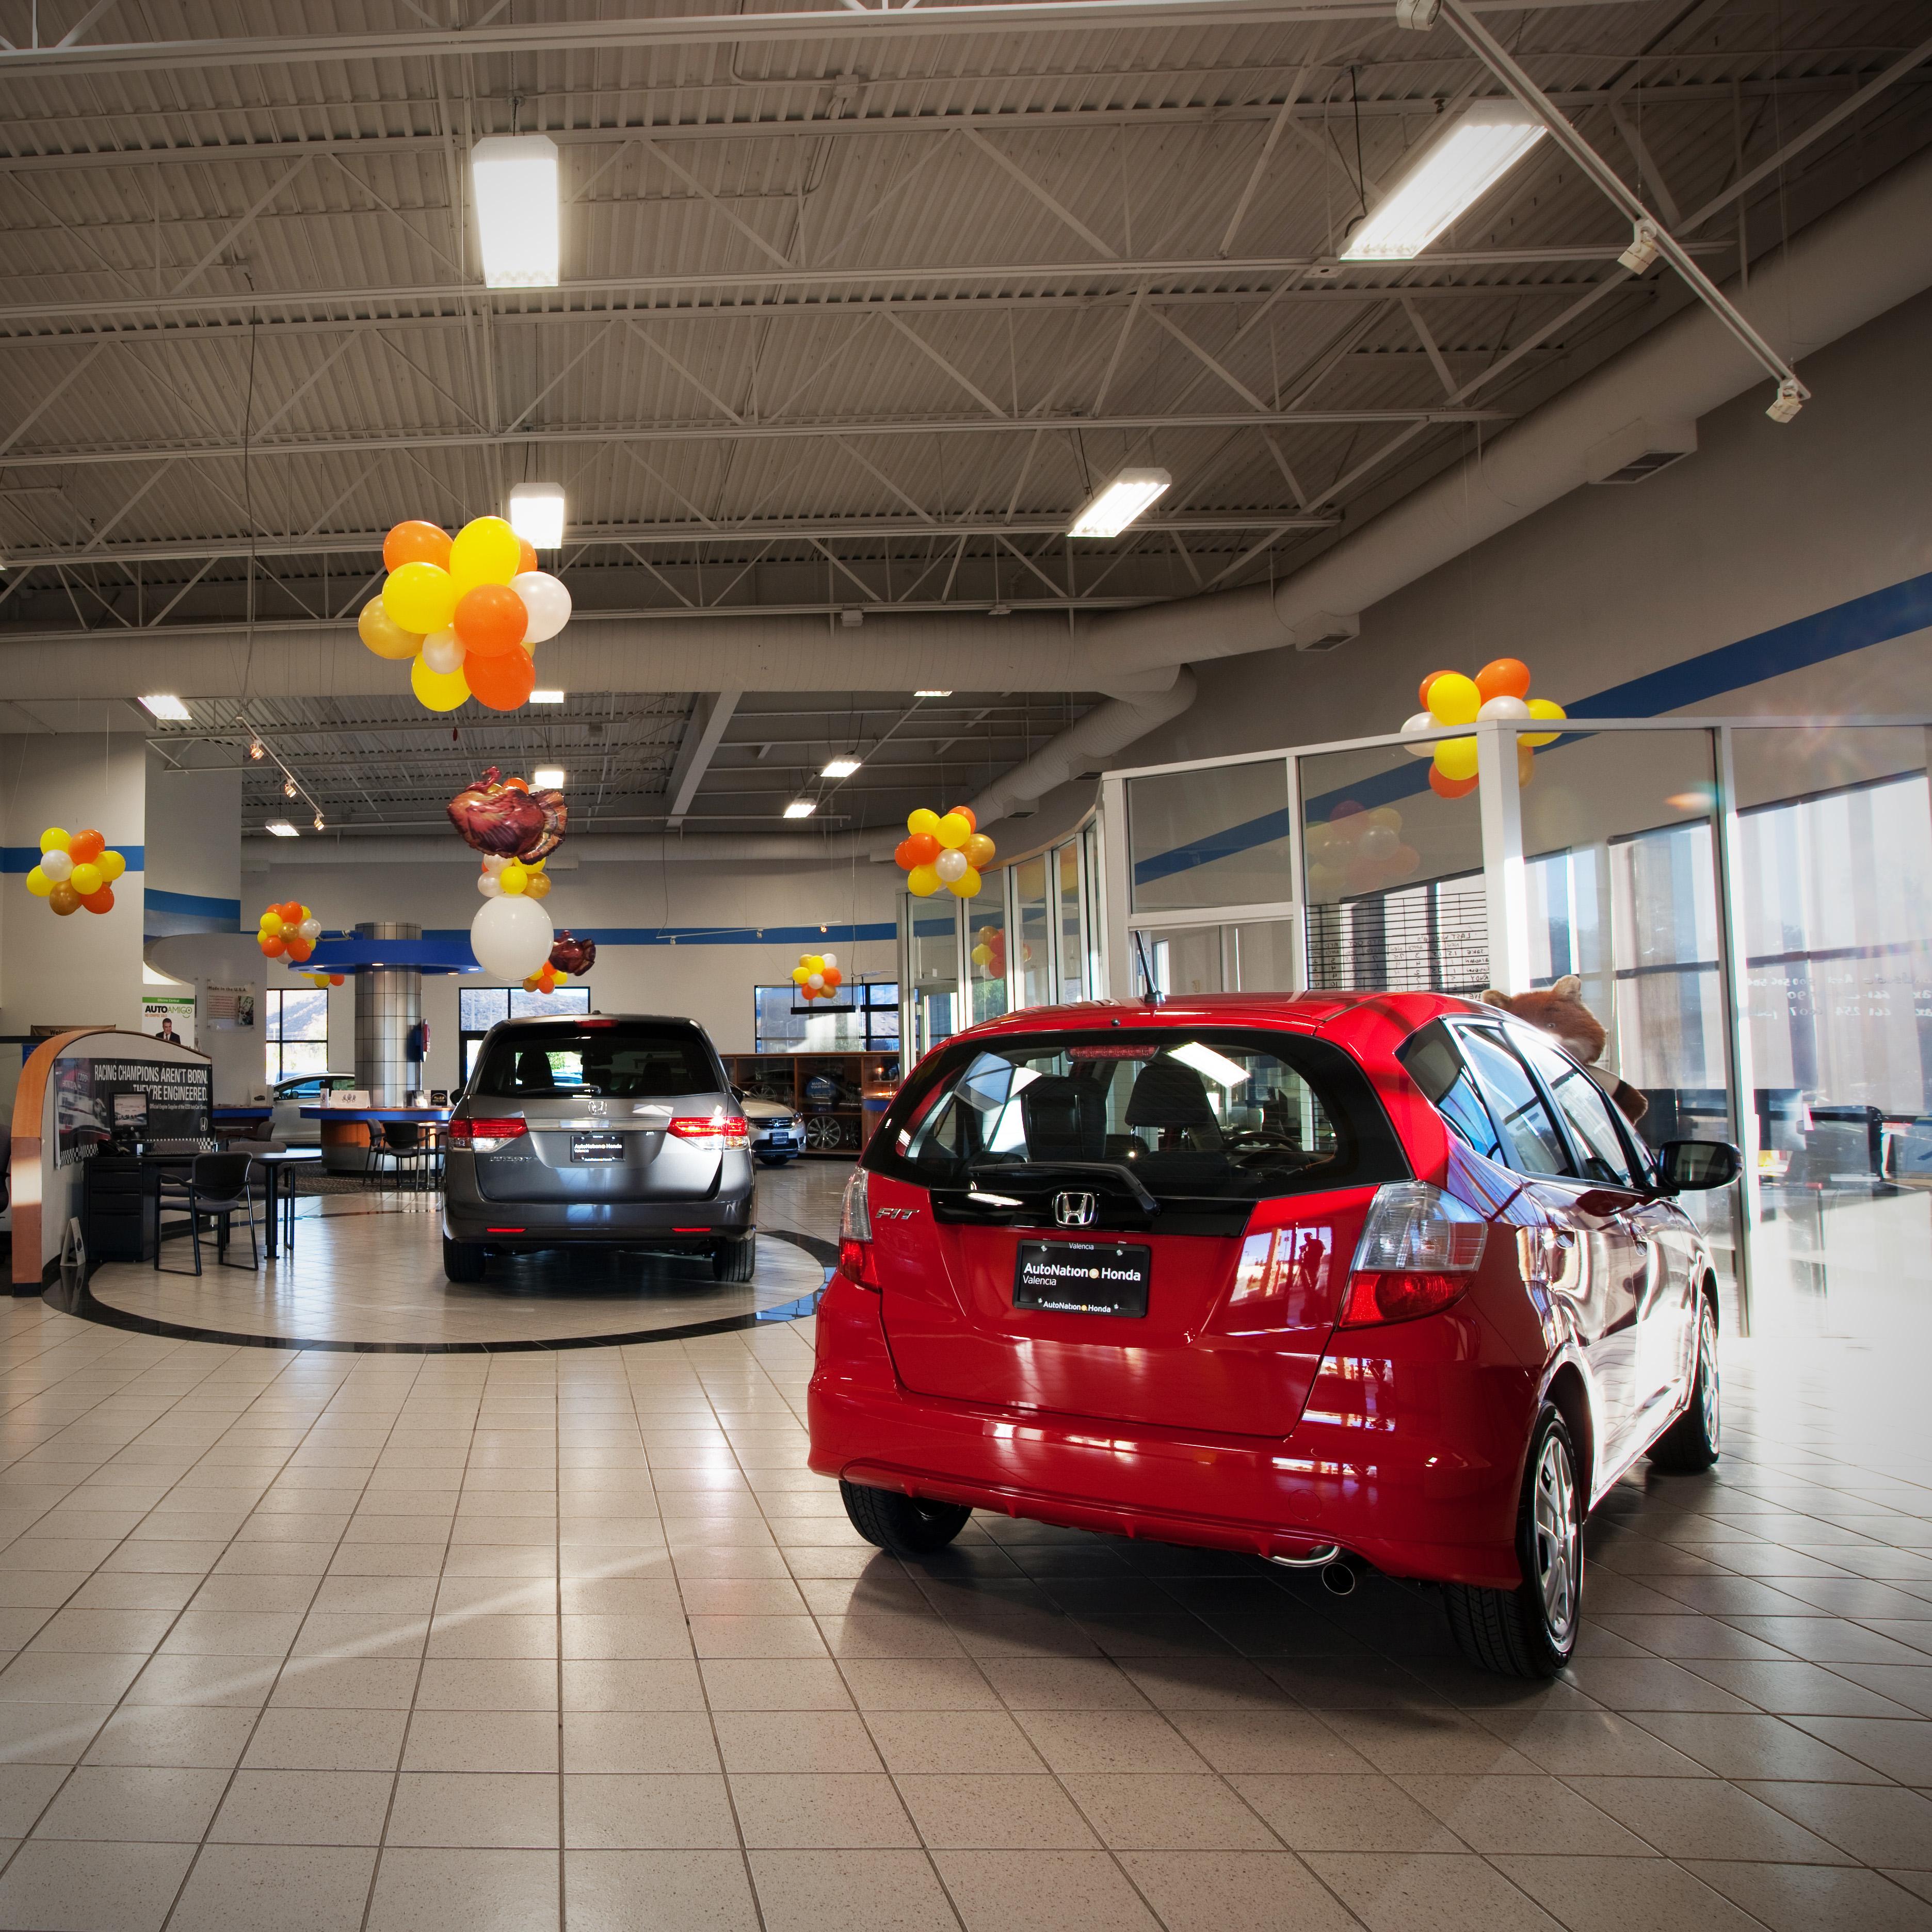 AutoNation Honda Valencia, Valencia California (CA) - LocalDatabase.com